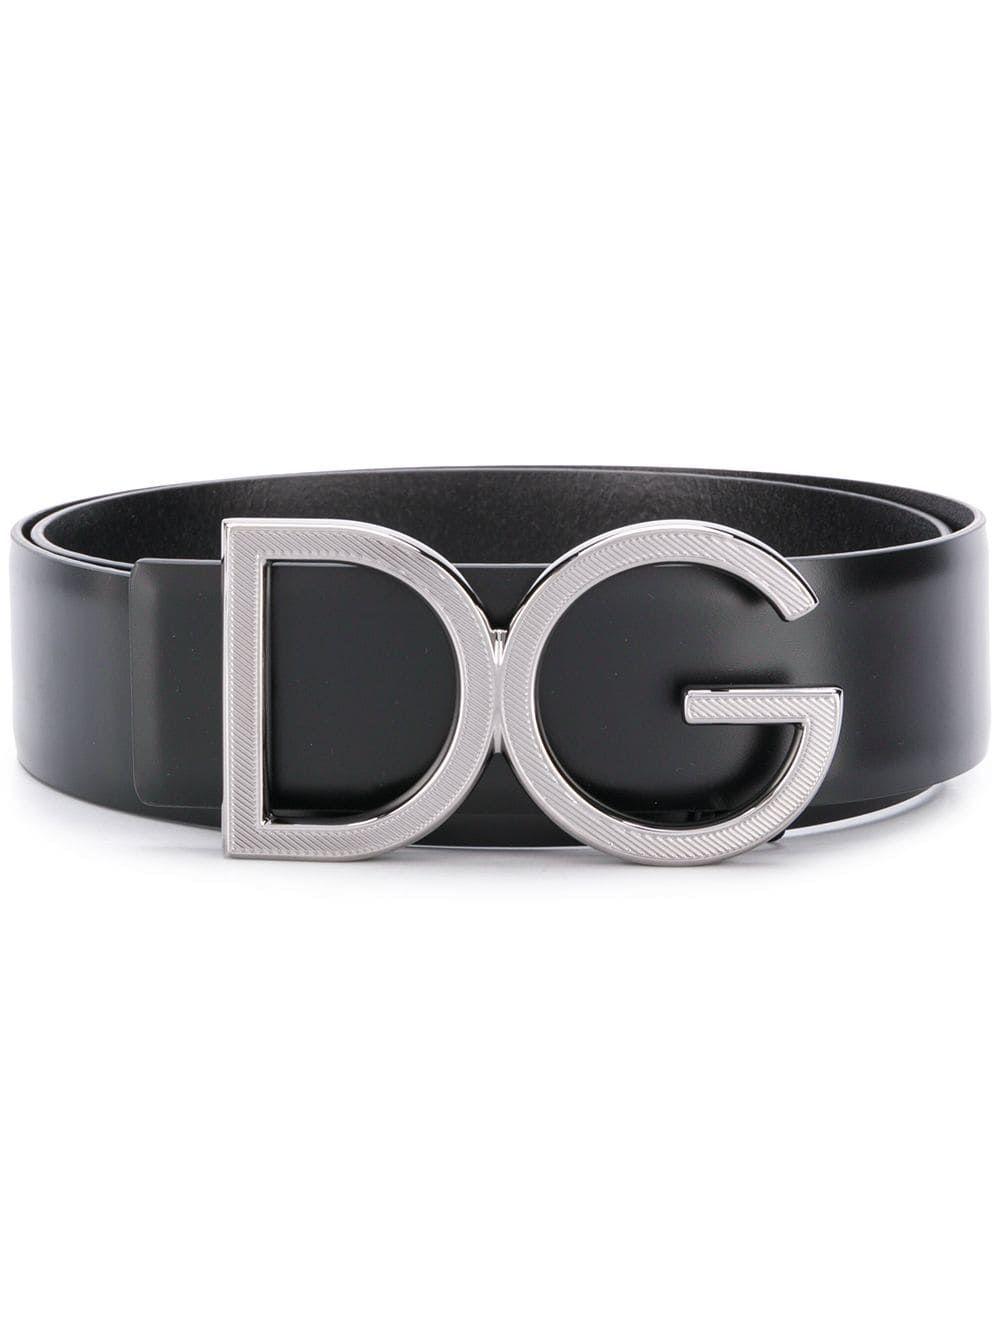 DG belt | Dolce, gabbana man, Designer belts, Belt